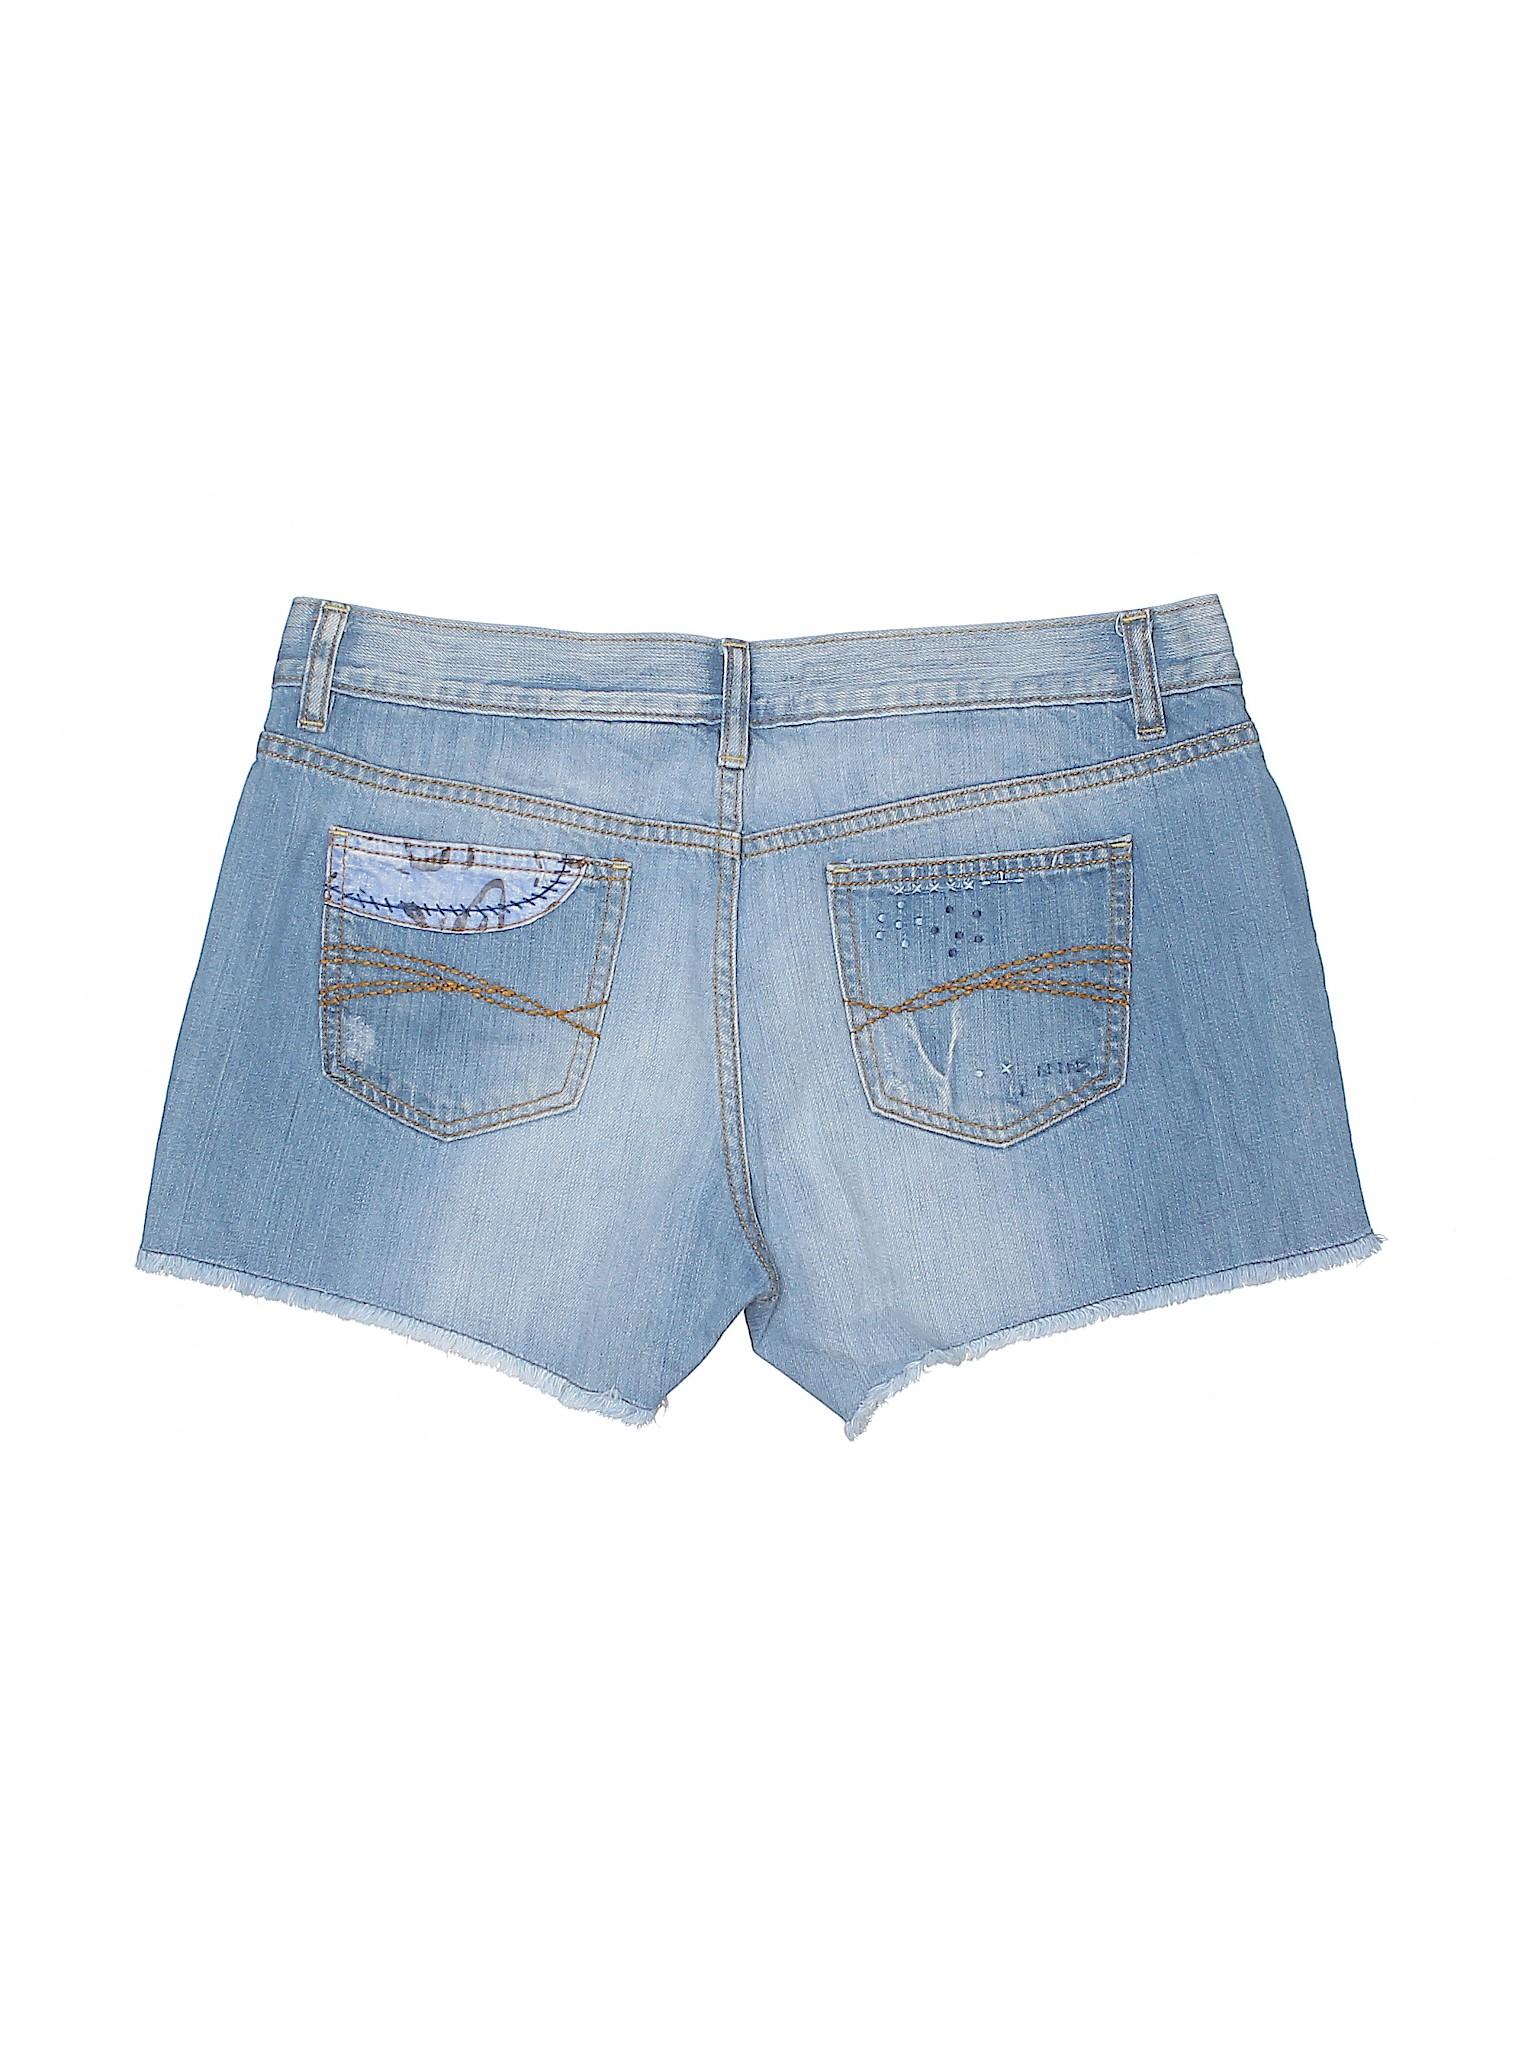 Old Boutique Old Denim Denim Boutique Old Shorts Boutique Shorts Navy Denim Navy Navy Pzxq0w8Pf